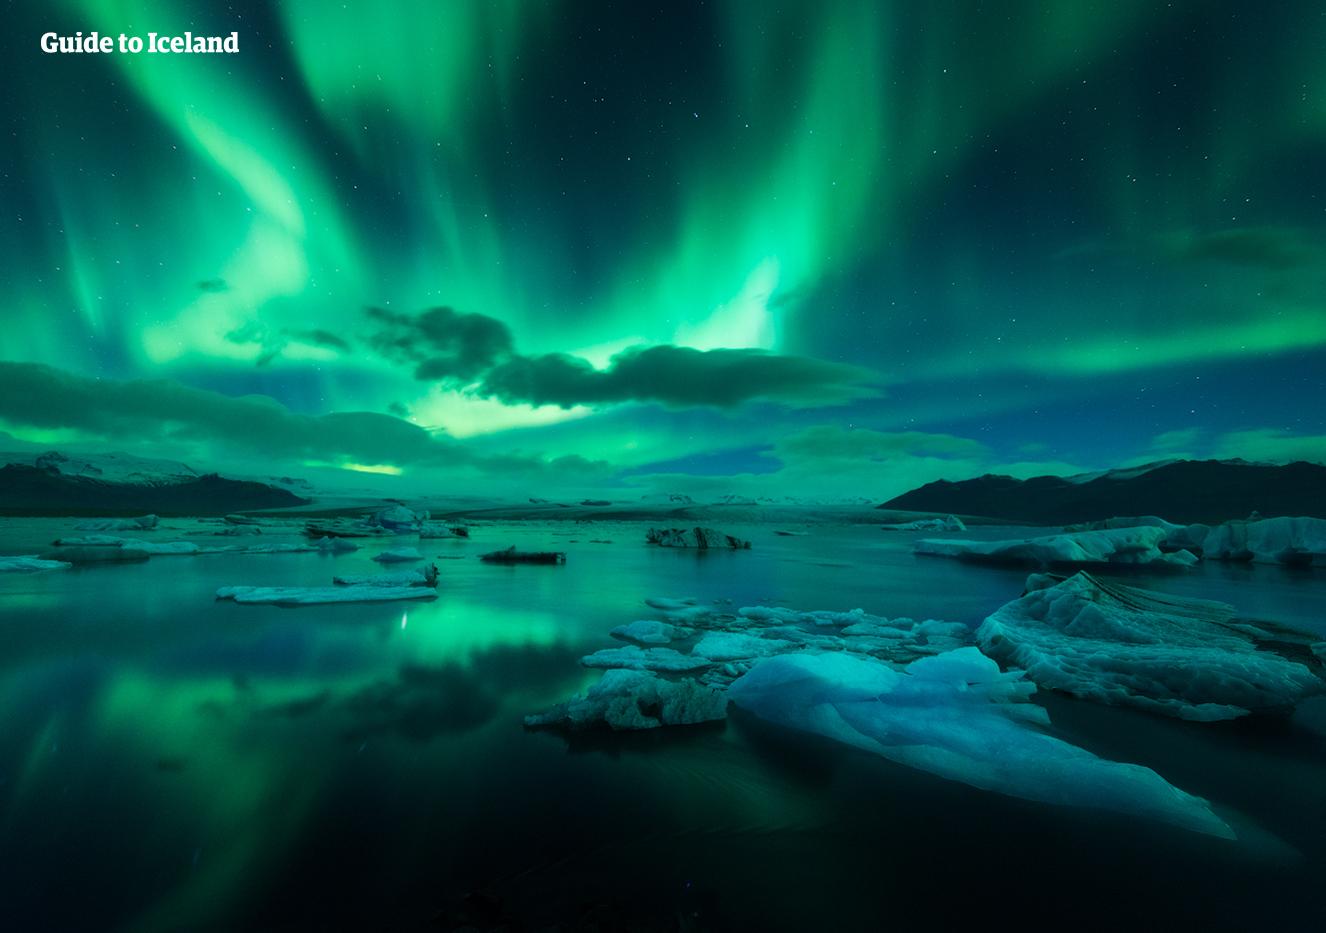 8-dniowa zimowa wycieczka po Islandii z przewodnikiem po całej obwodnicy